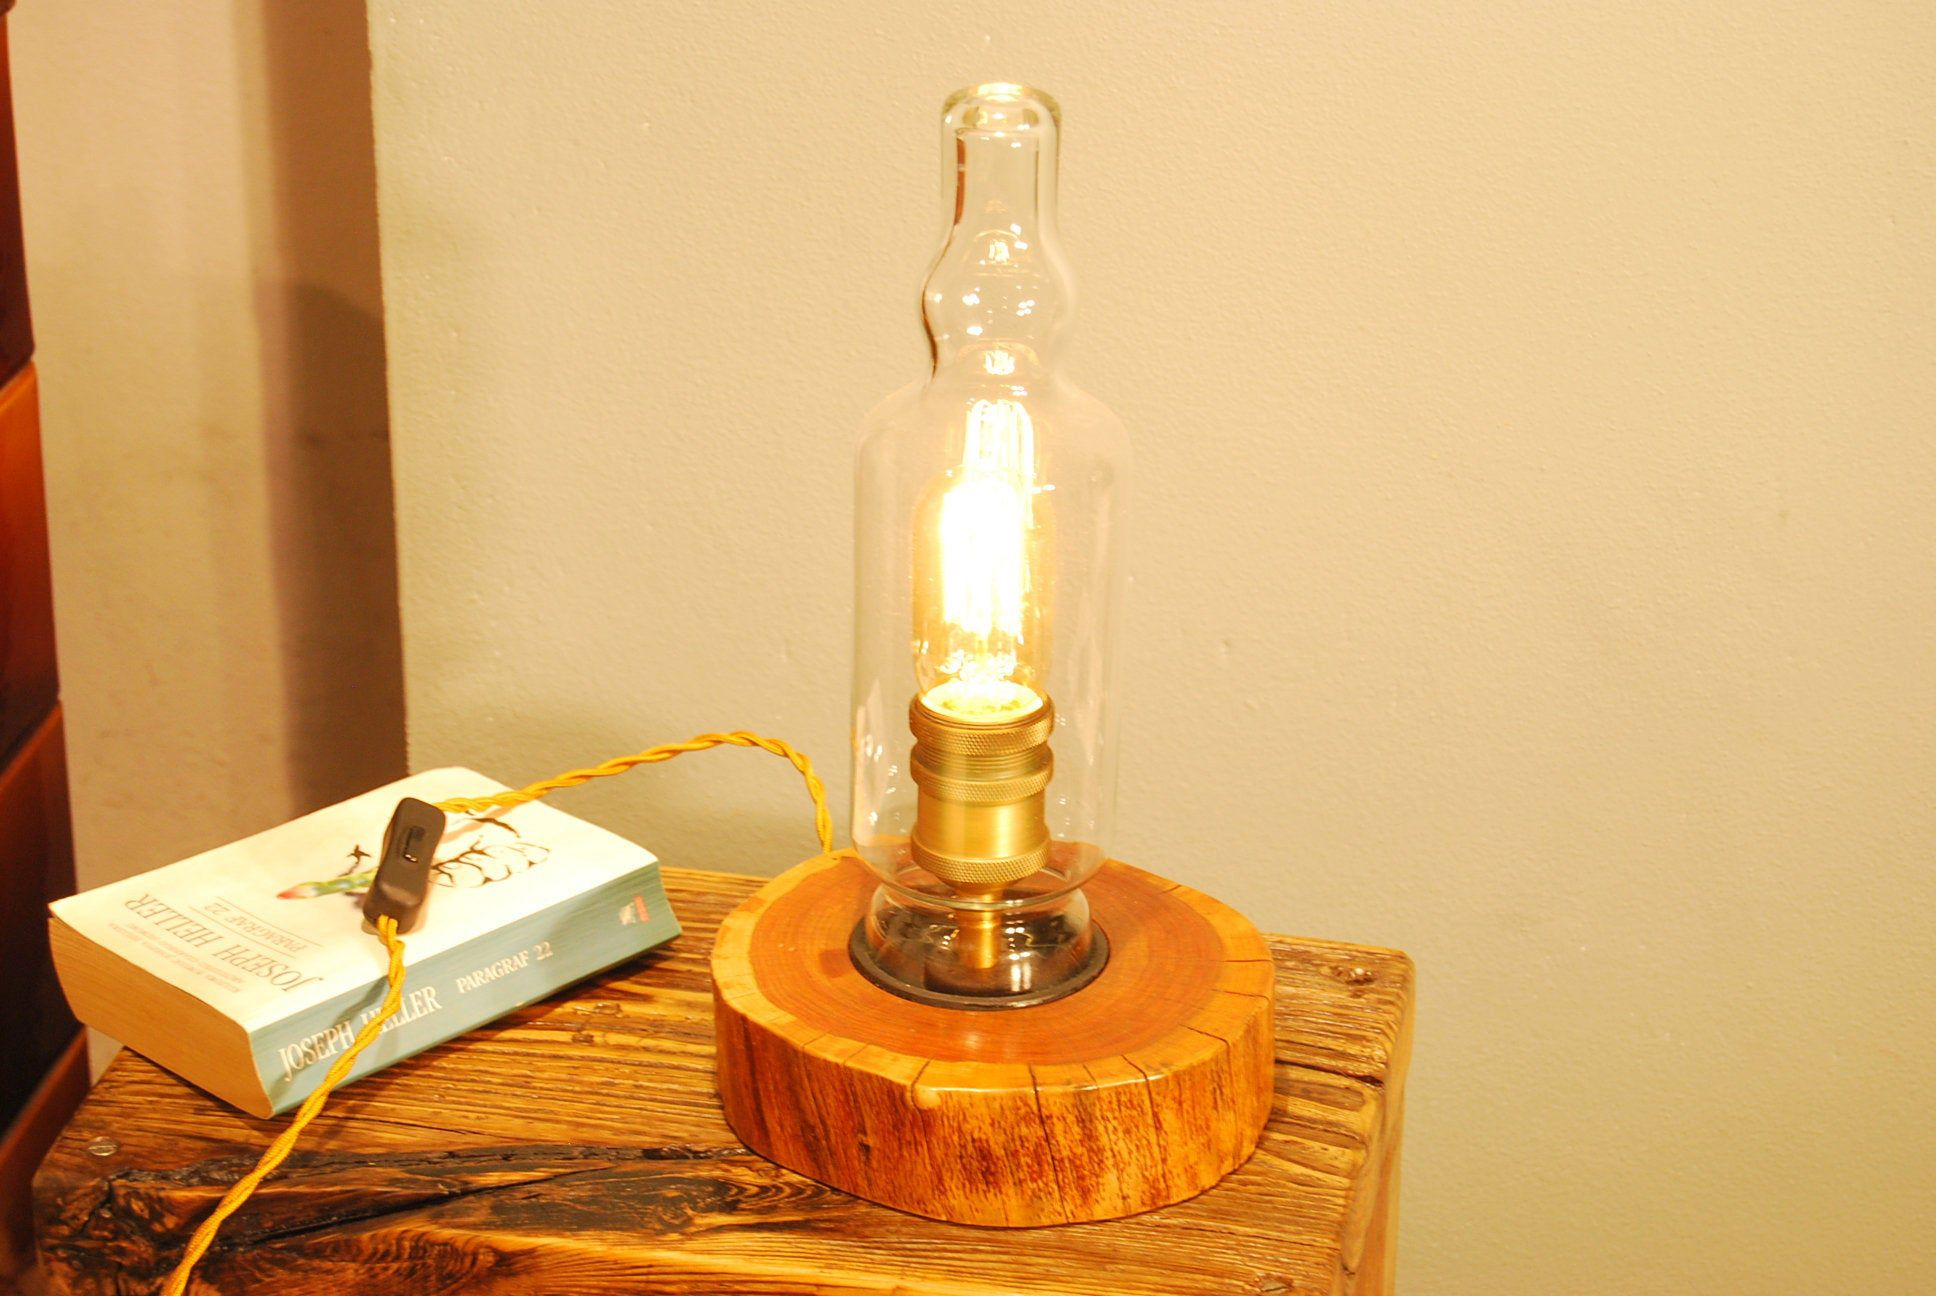 Lampe Auf Der Theke Tischlampe Aus Holz Und Glas Lampe Mit Kirsche Nachtlampe Aus Holz Edison Light Bulbs Light Bulb Decor